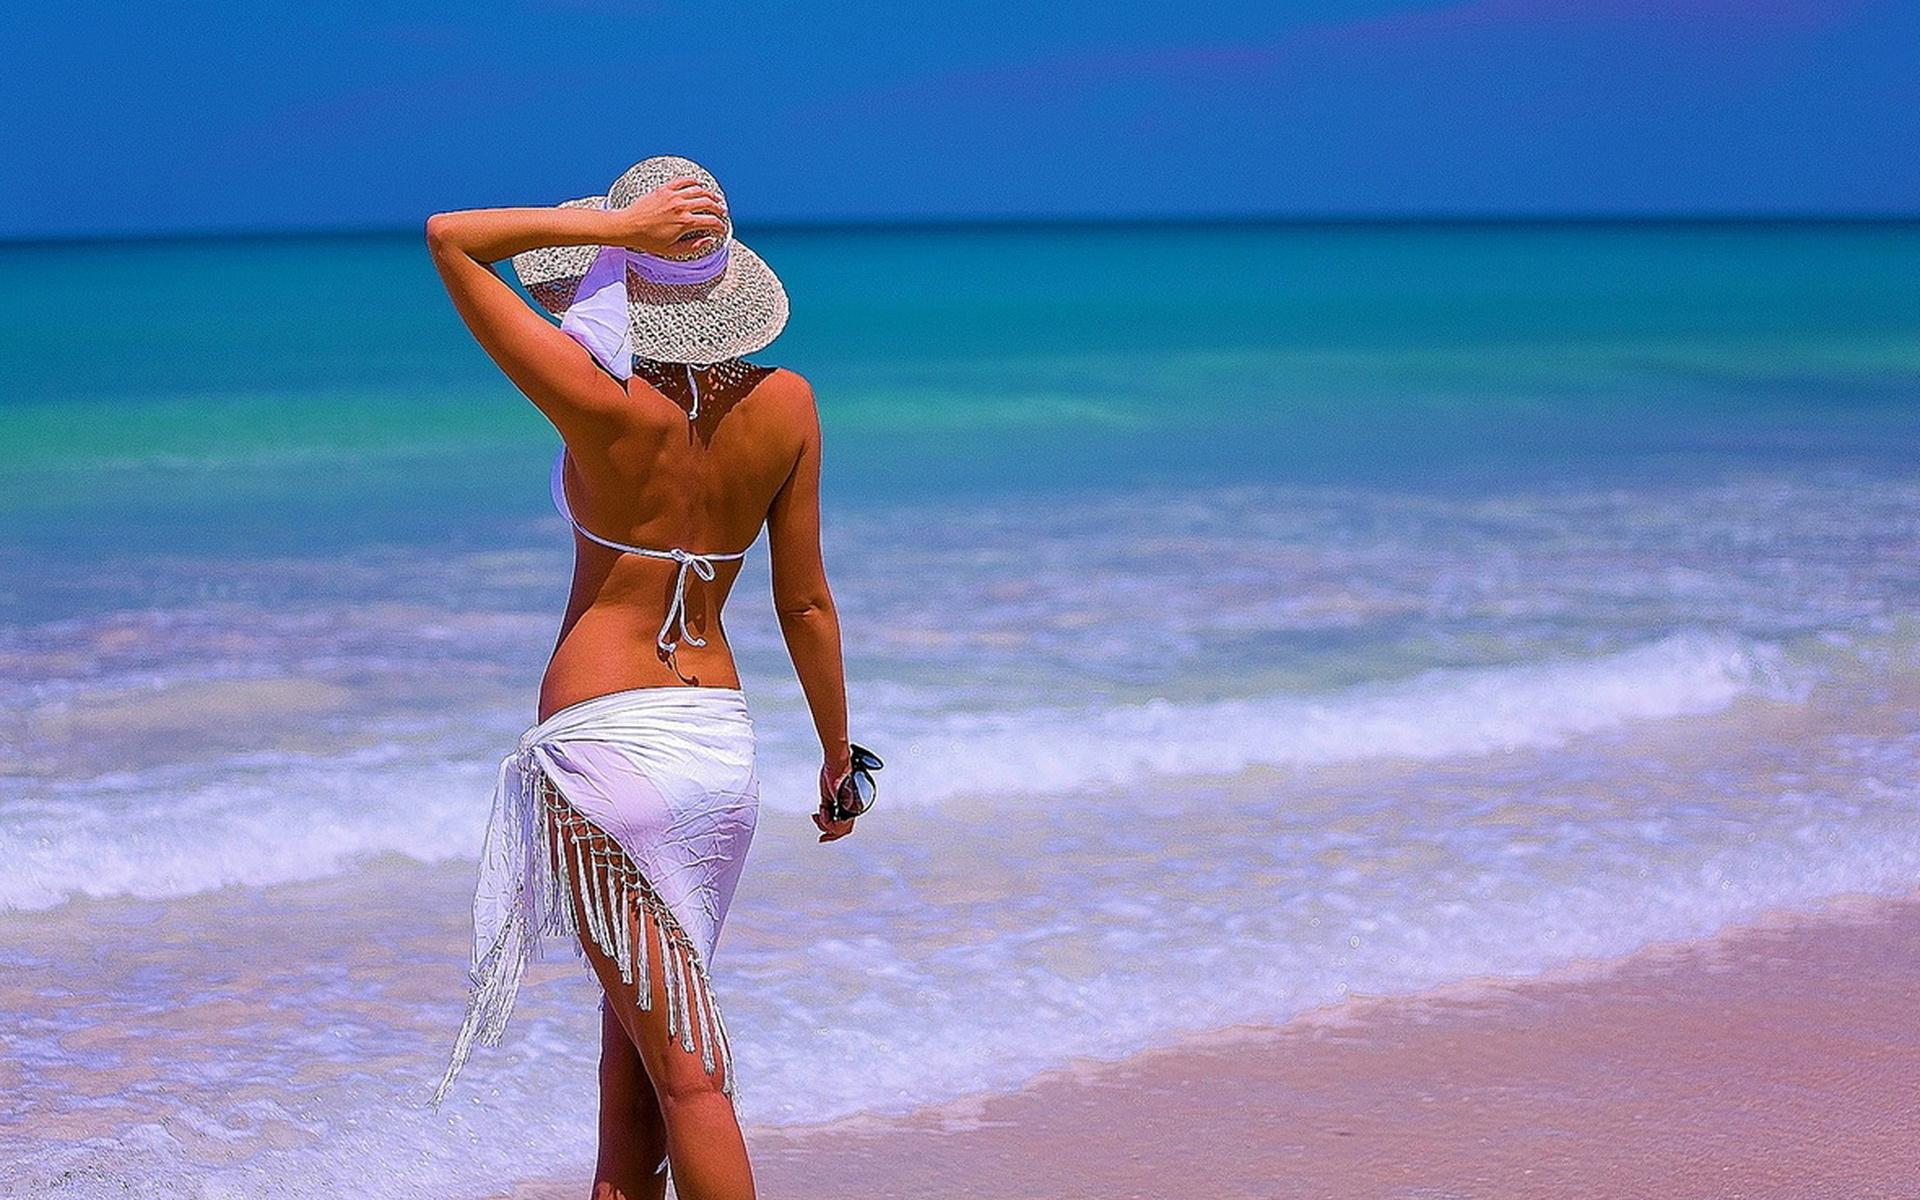 Прикольные фото девушек на пляже смотреть онлайн